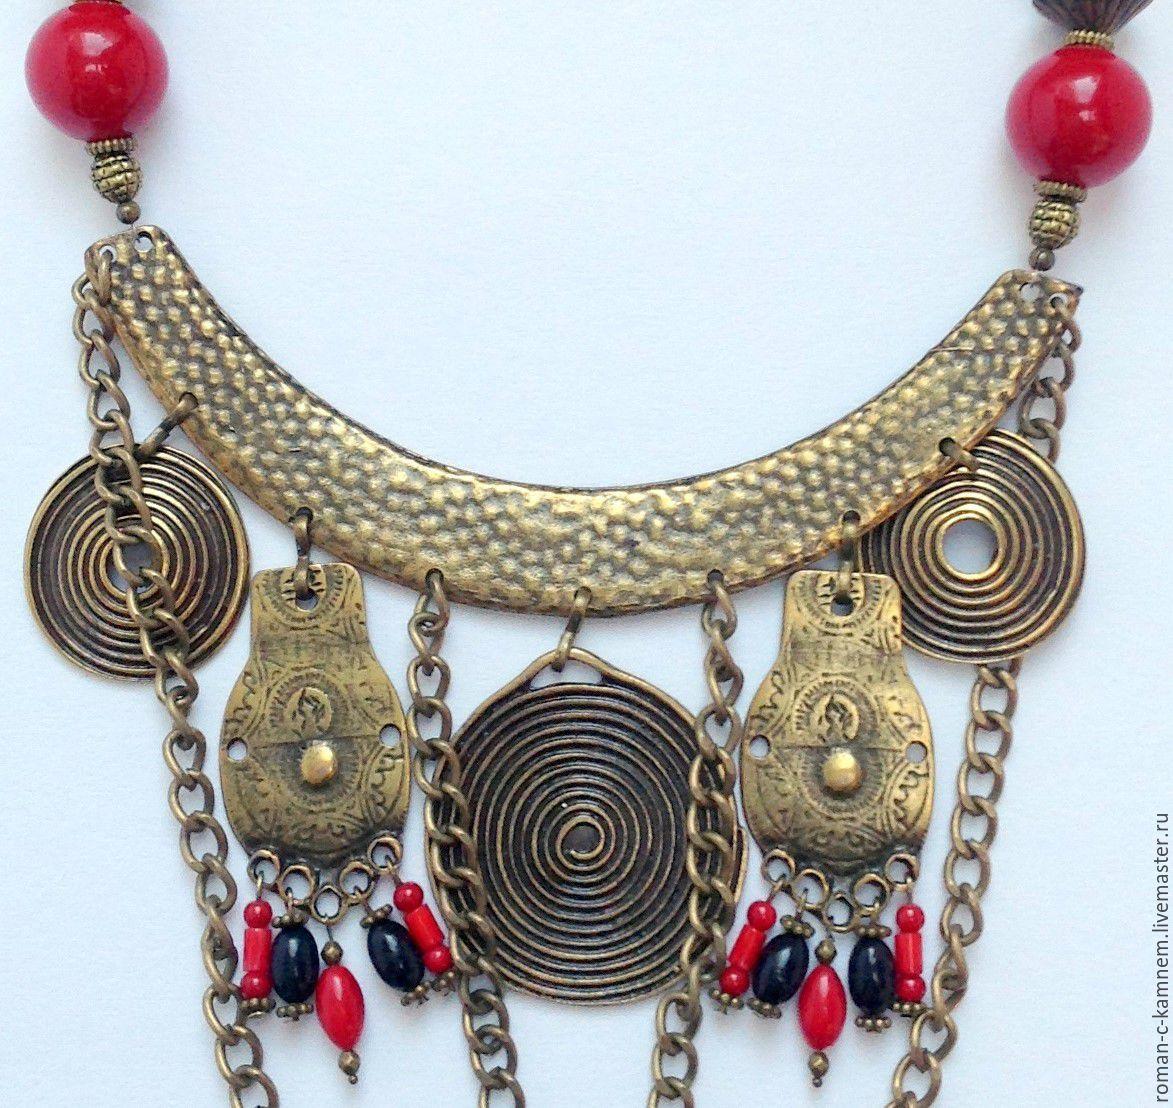 Комплект украшений - колье-гривна и серьги - из натуральных камней в этническом, восточном стиле Затерянный рай. Уникальный, креативный подарок для стильных и смелых женщин и девушек.